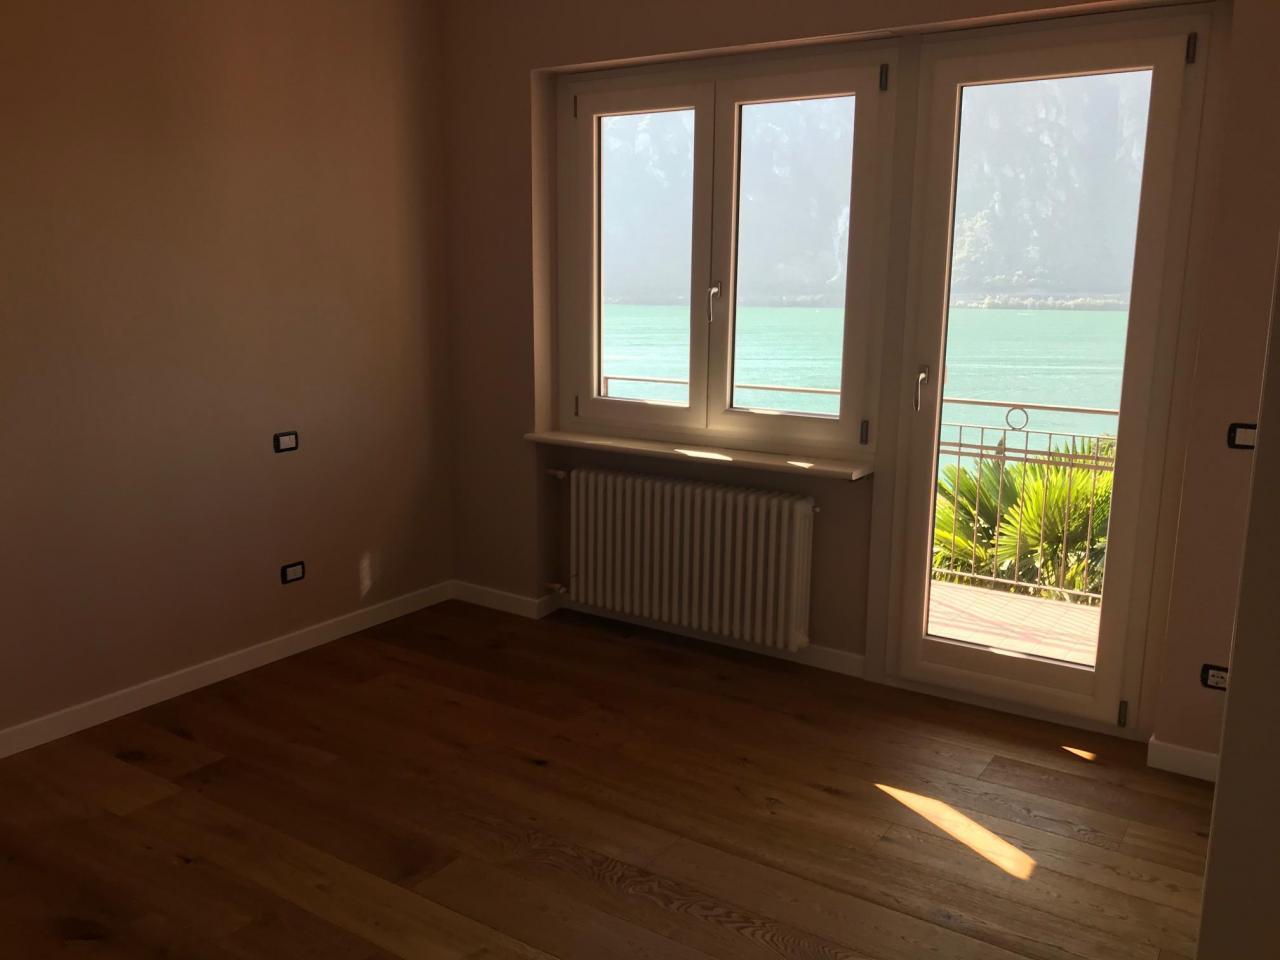 Продастся новая квартира 4х комнатная в Кампионе д Италия на озере Лугано - 3